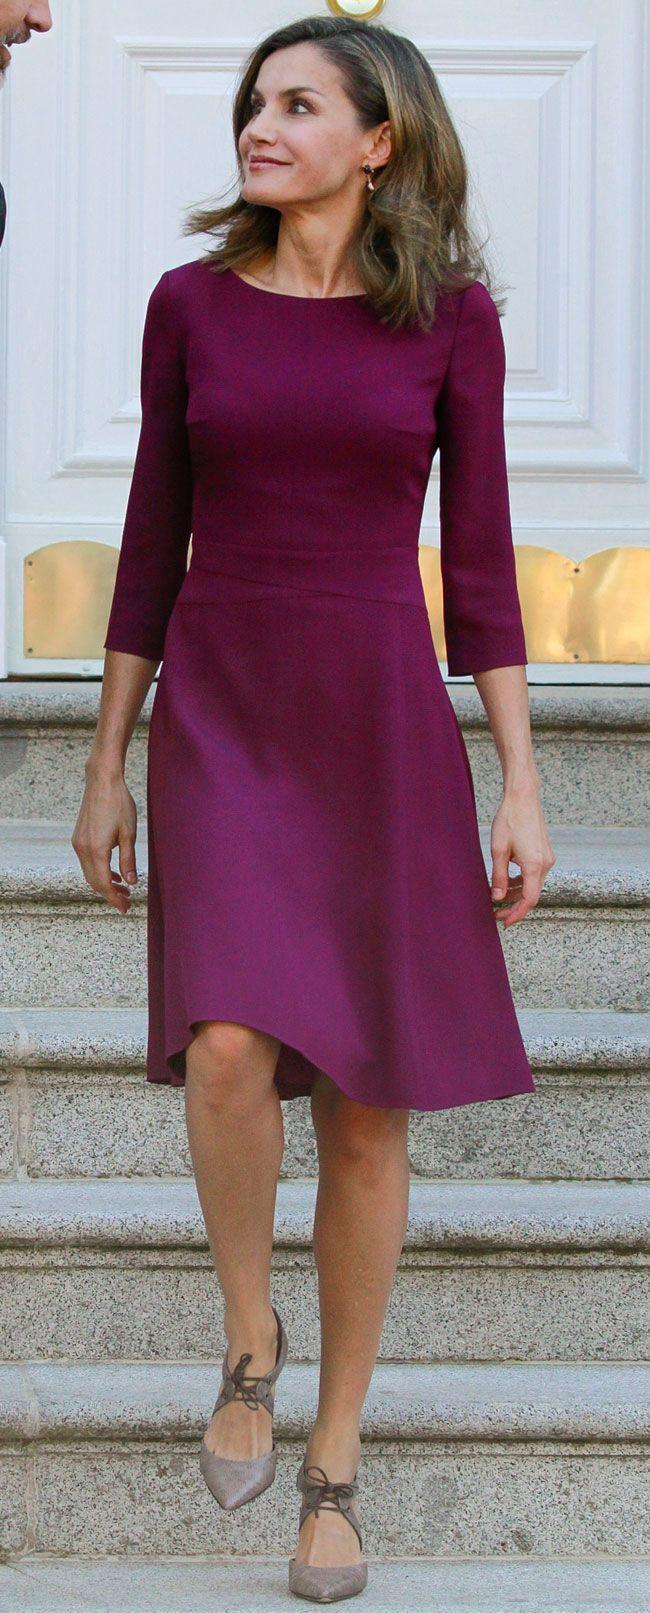 Pin de Maria Padilla en vestido | Pinterest | Vestiditos, Reinas y ...